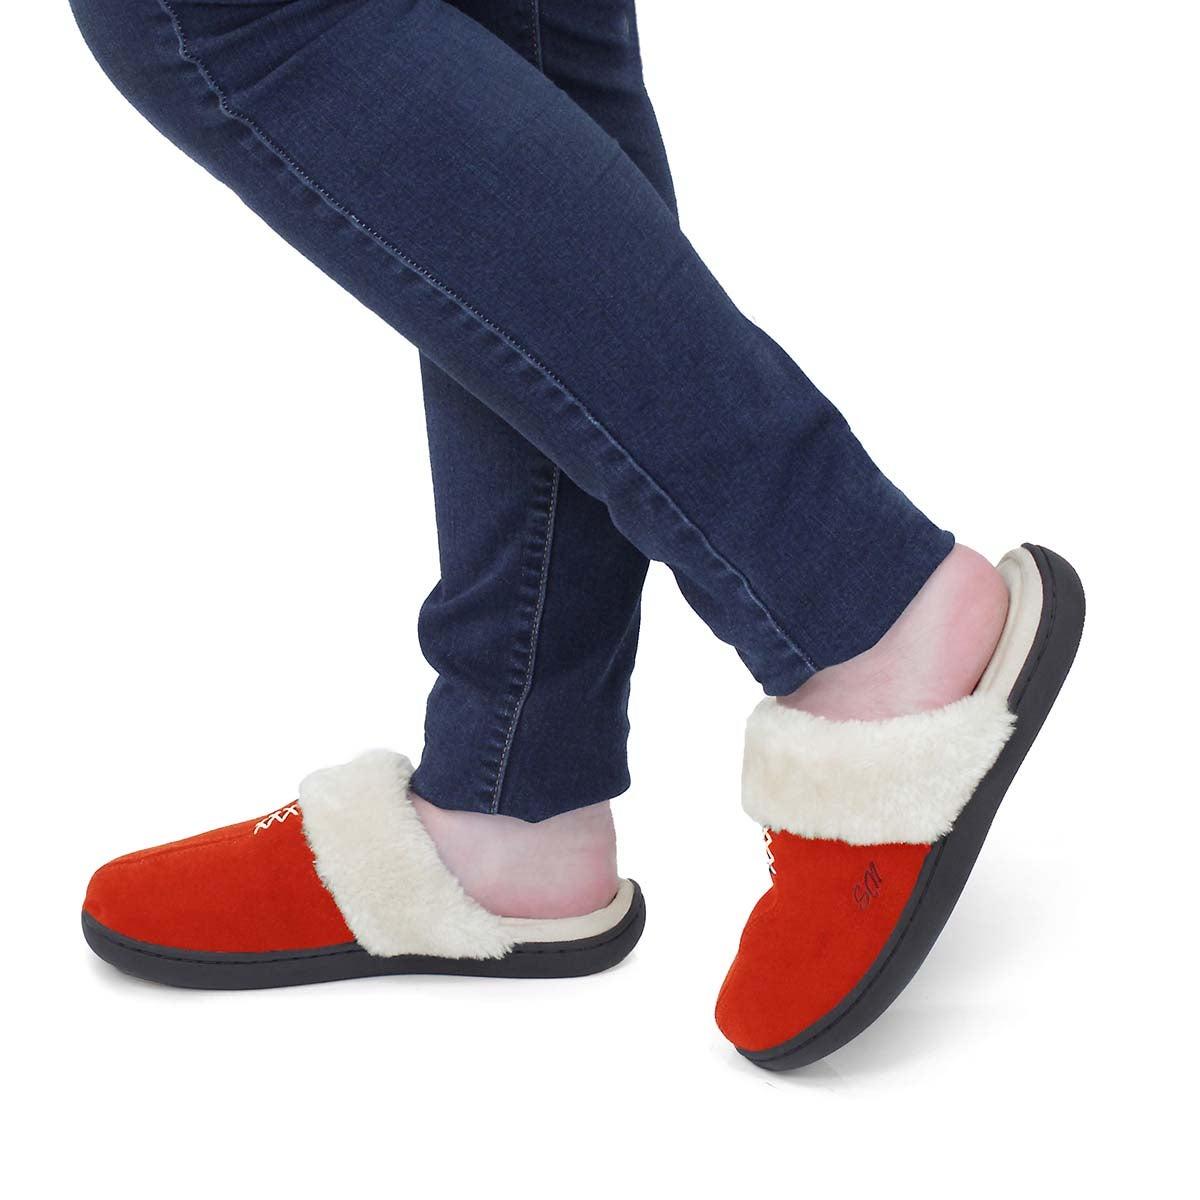 Women's Pauline Open Back Slipper - Red